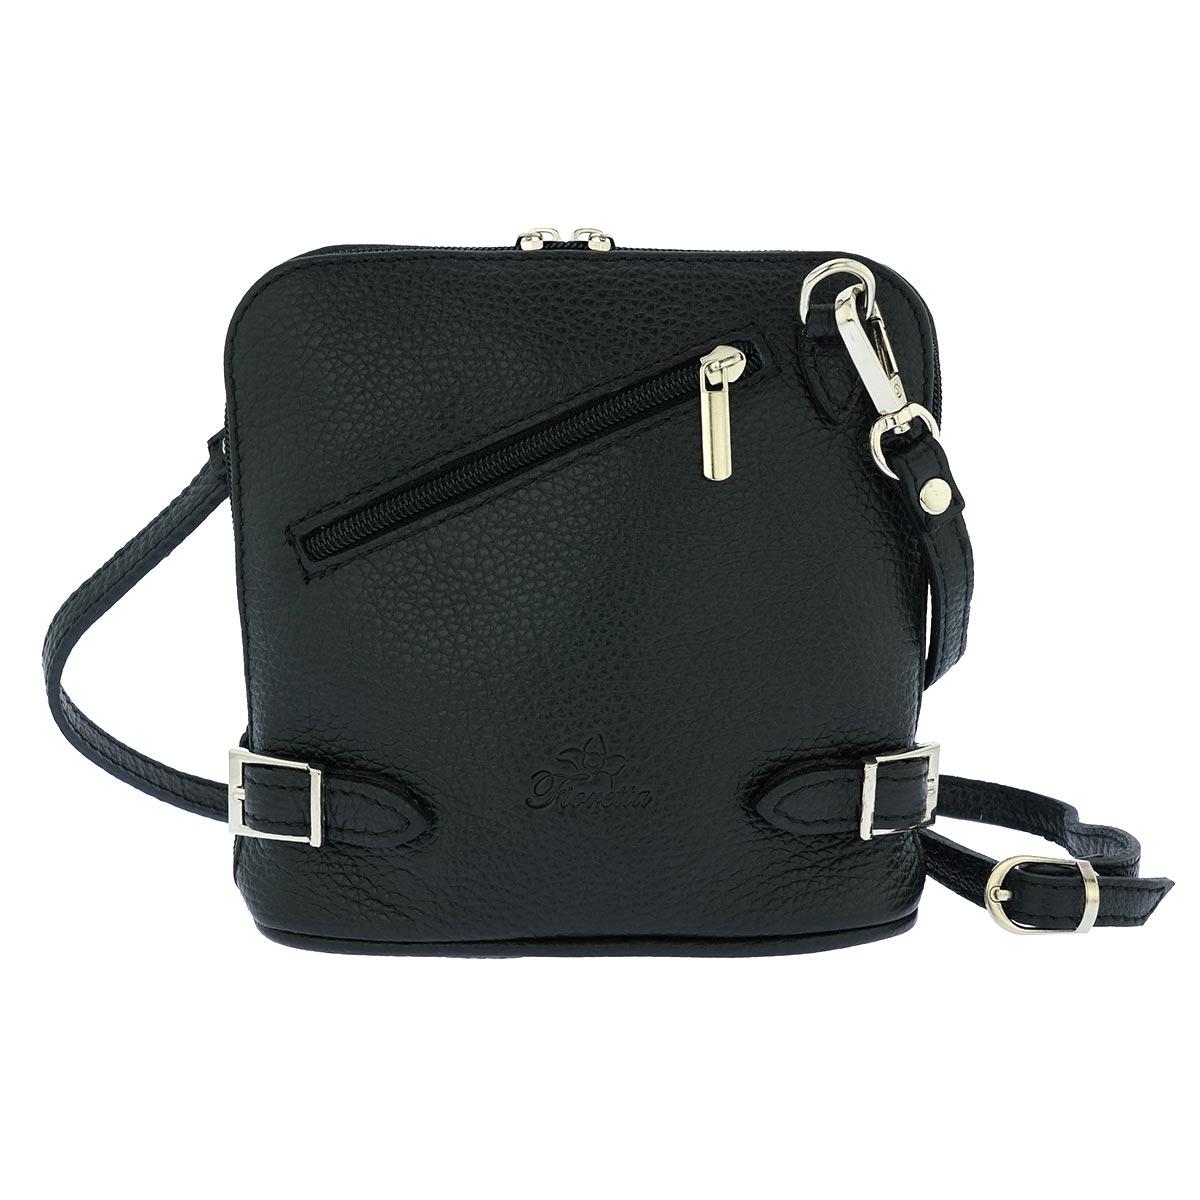 Fioretta Italian Genuine Leather Crossbody Bag Clutch Handbag For Women - Black